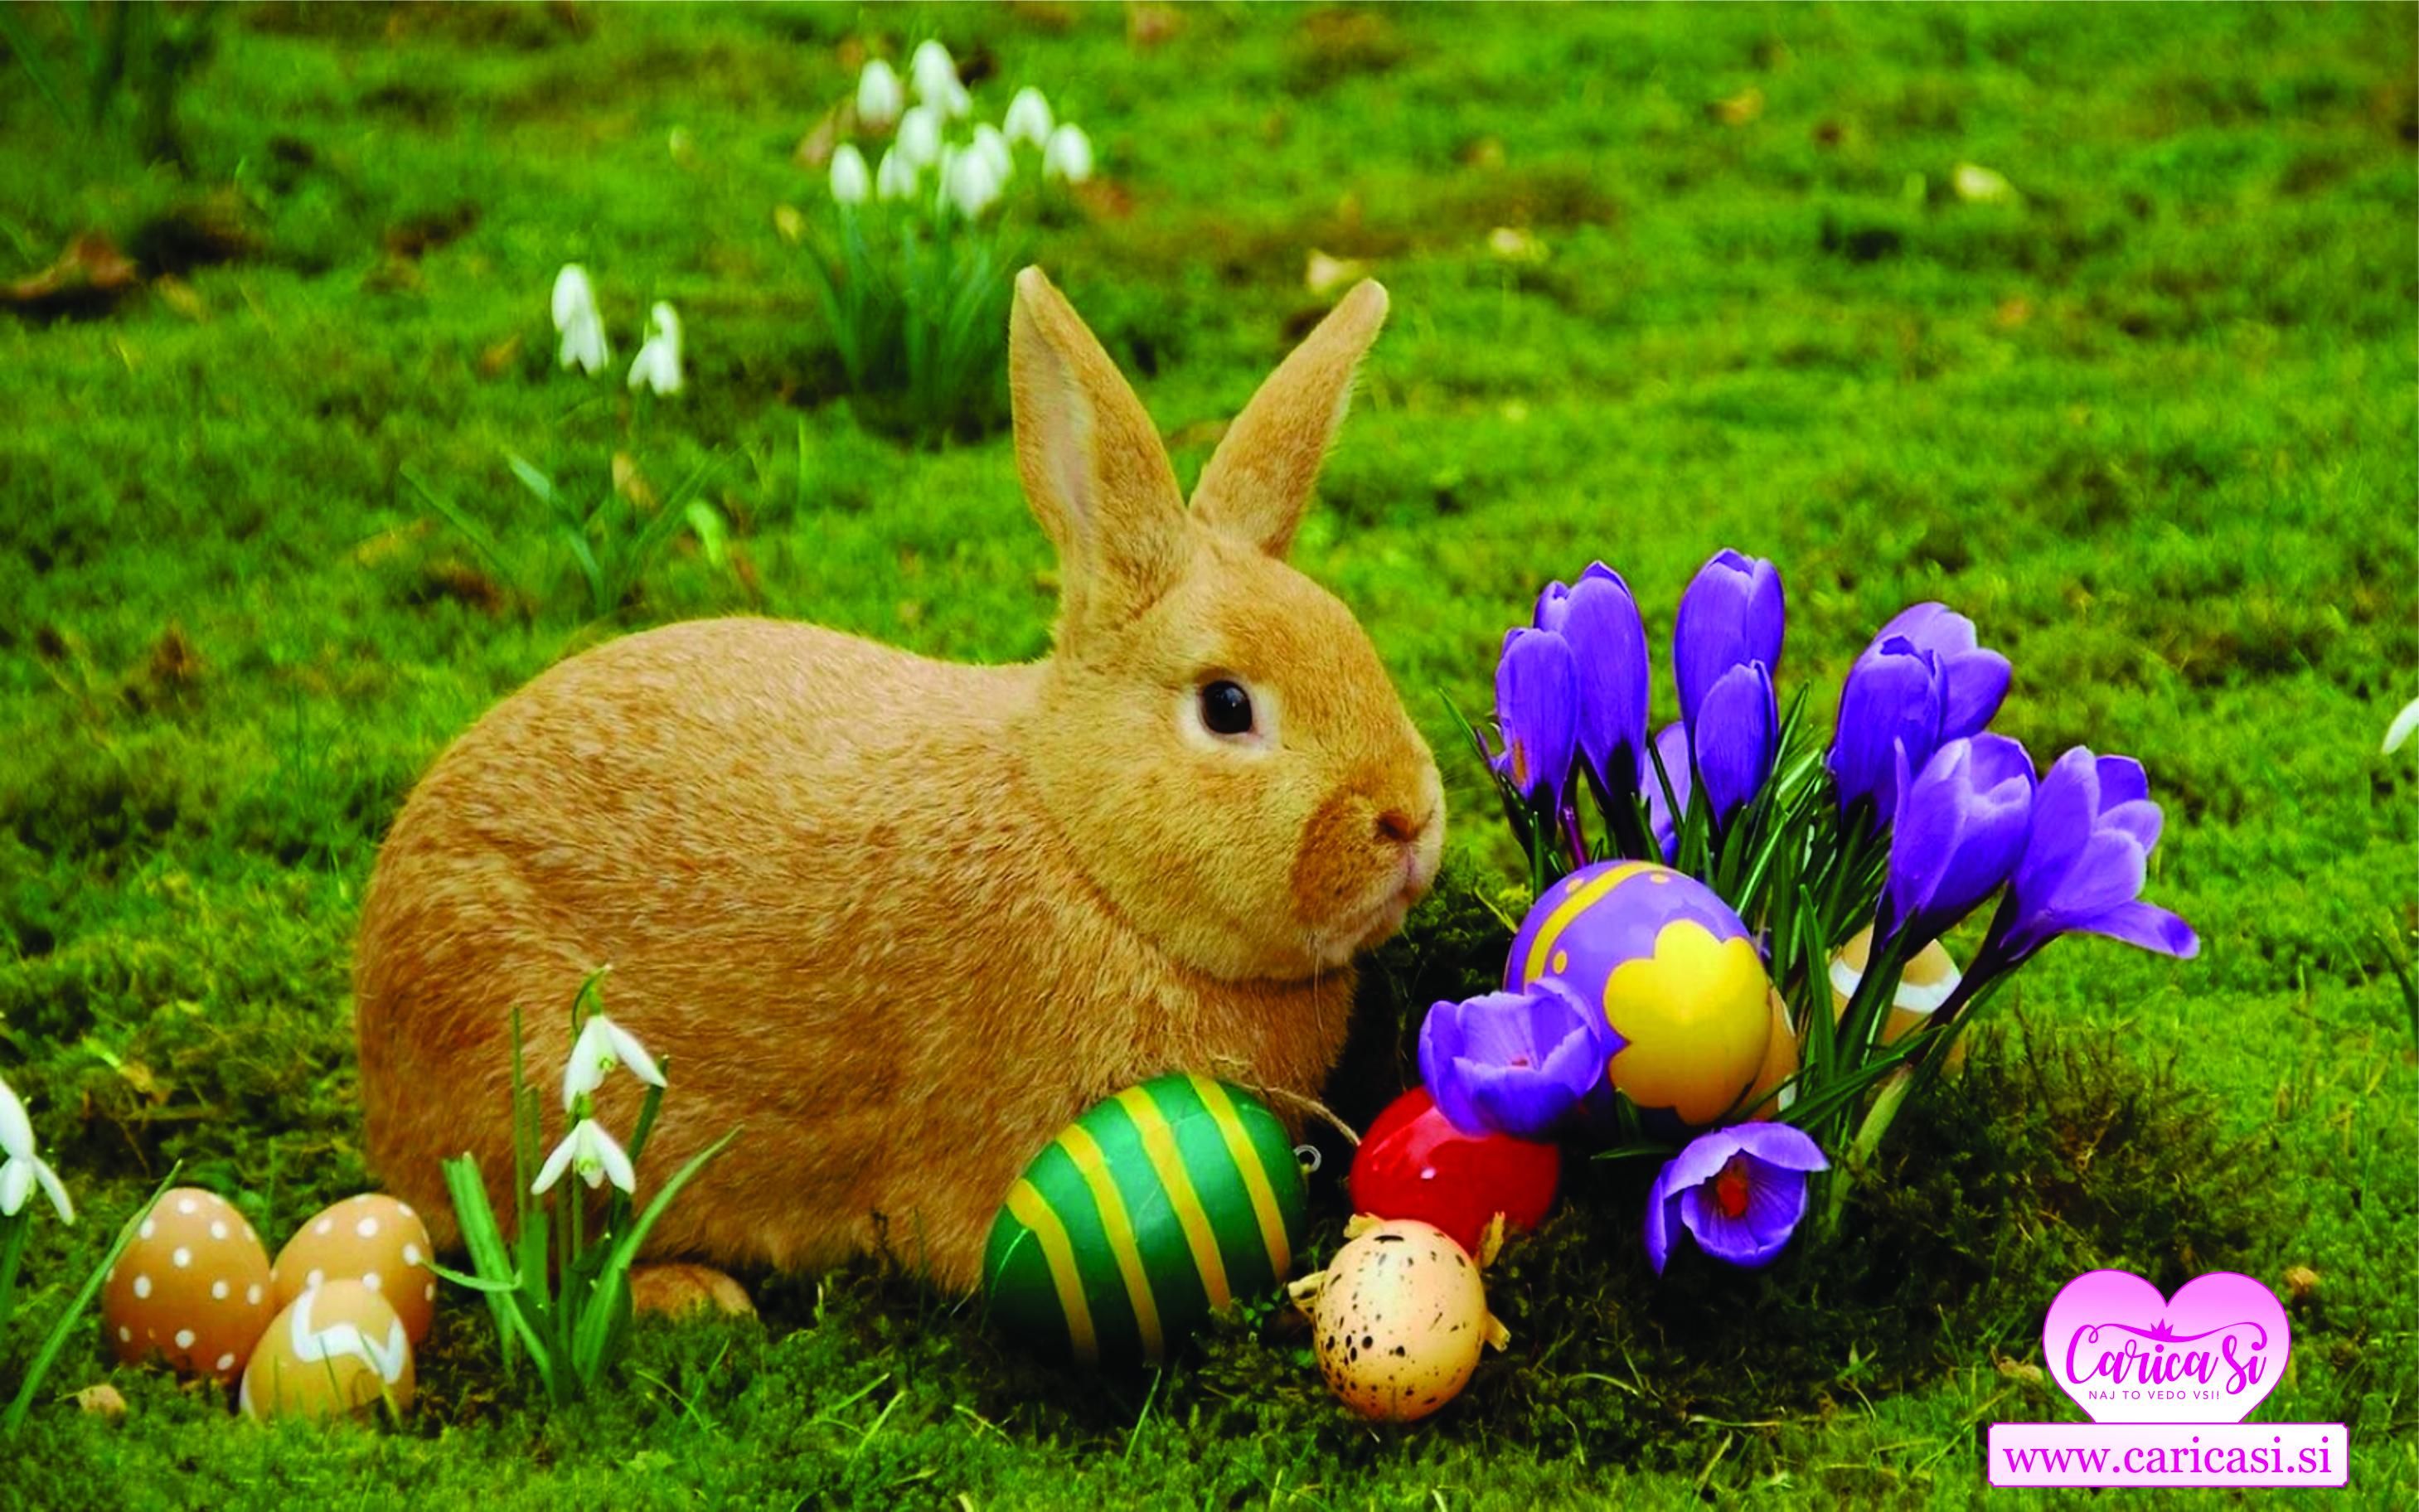 Vesele velikonočne praznike!